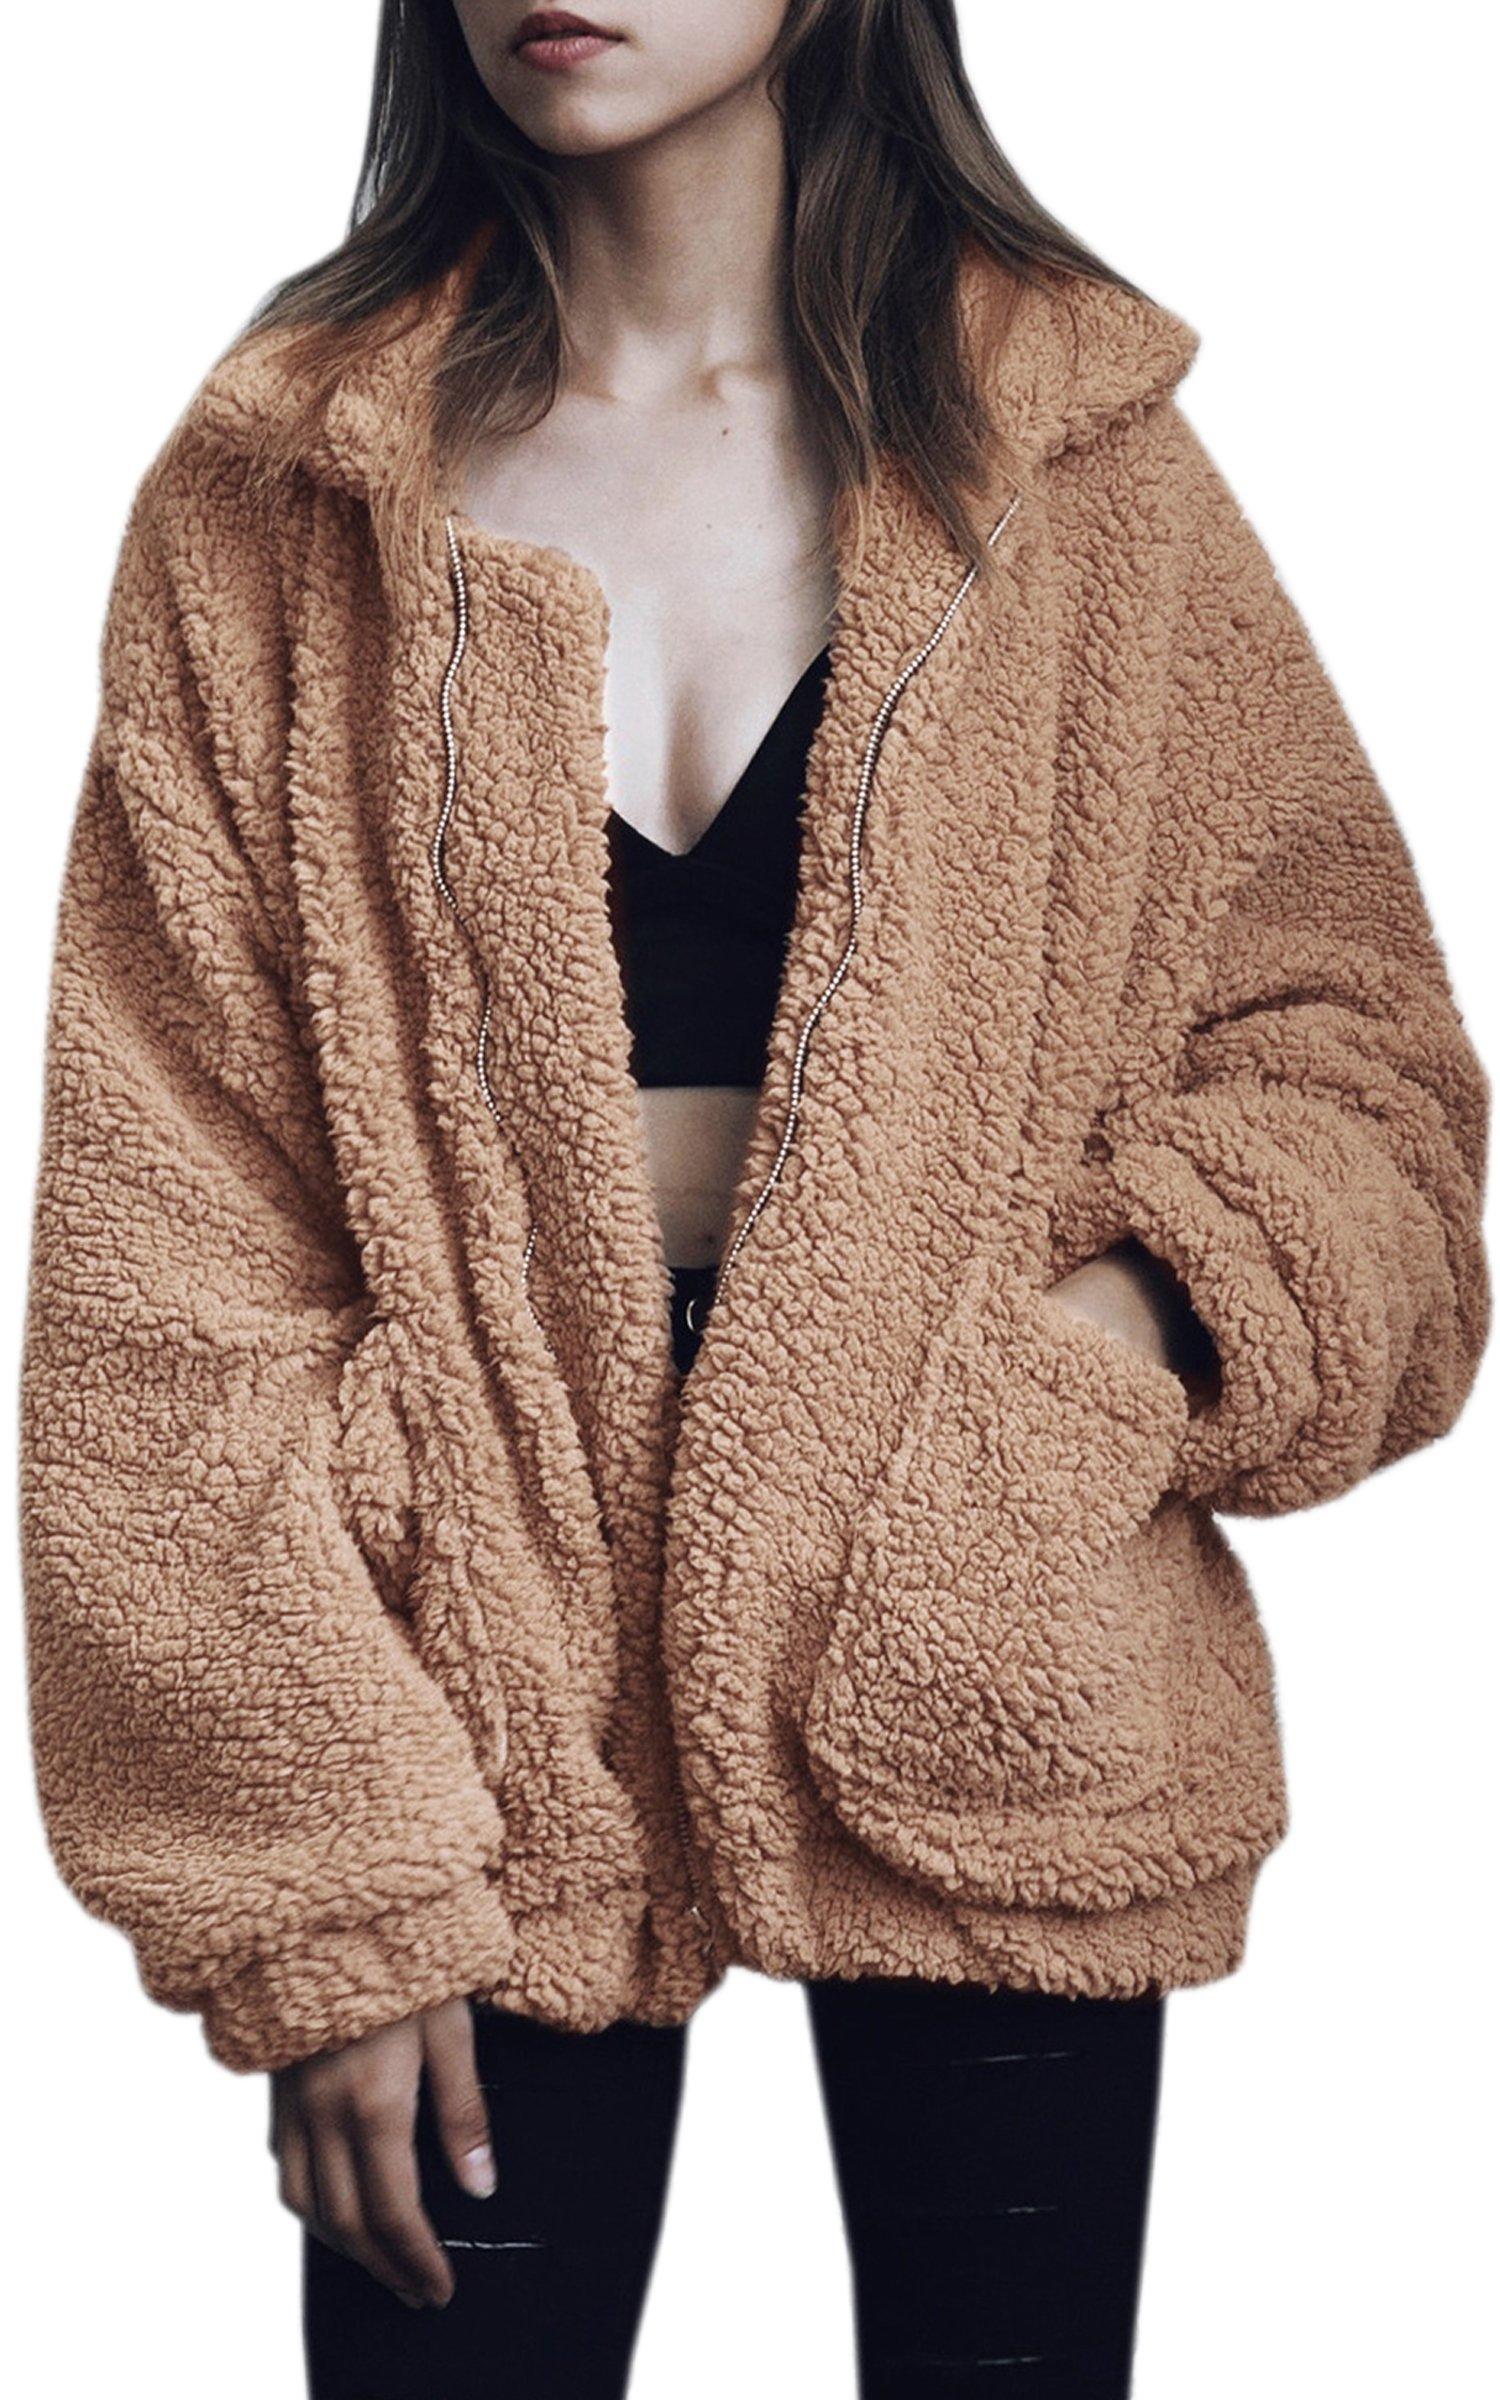 ECOWISH Women's Coat Casual Lapel Fleece Fuzzy Faux Shearling Zipper Warm Winter Oversized Outwear Jackets Camel M by ECOWISH